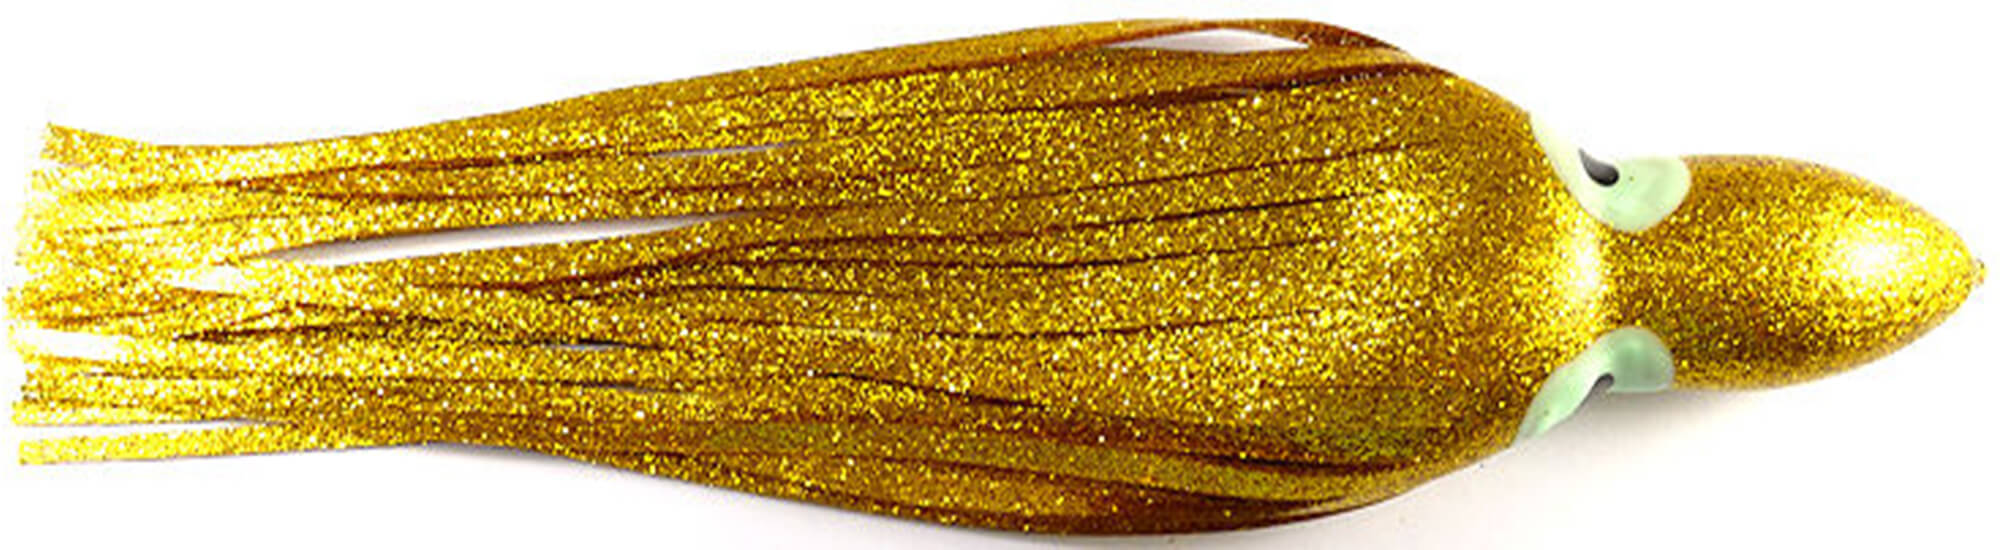 Yo-Zuri Octopus Trolling Skirts - Gold Glitter